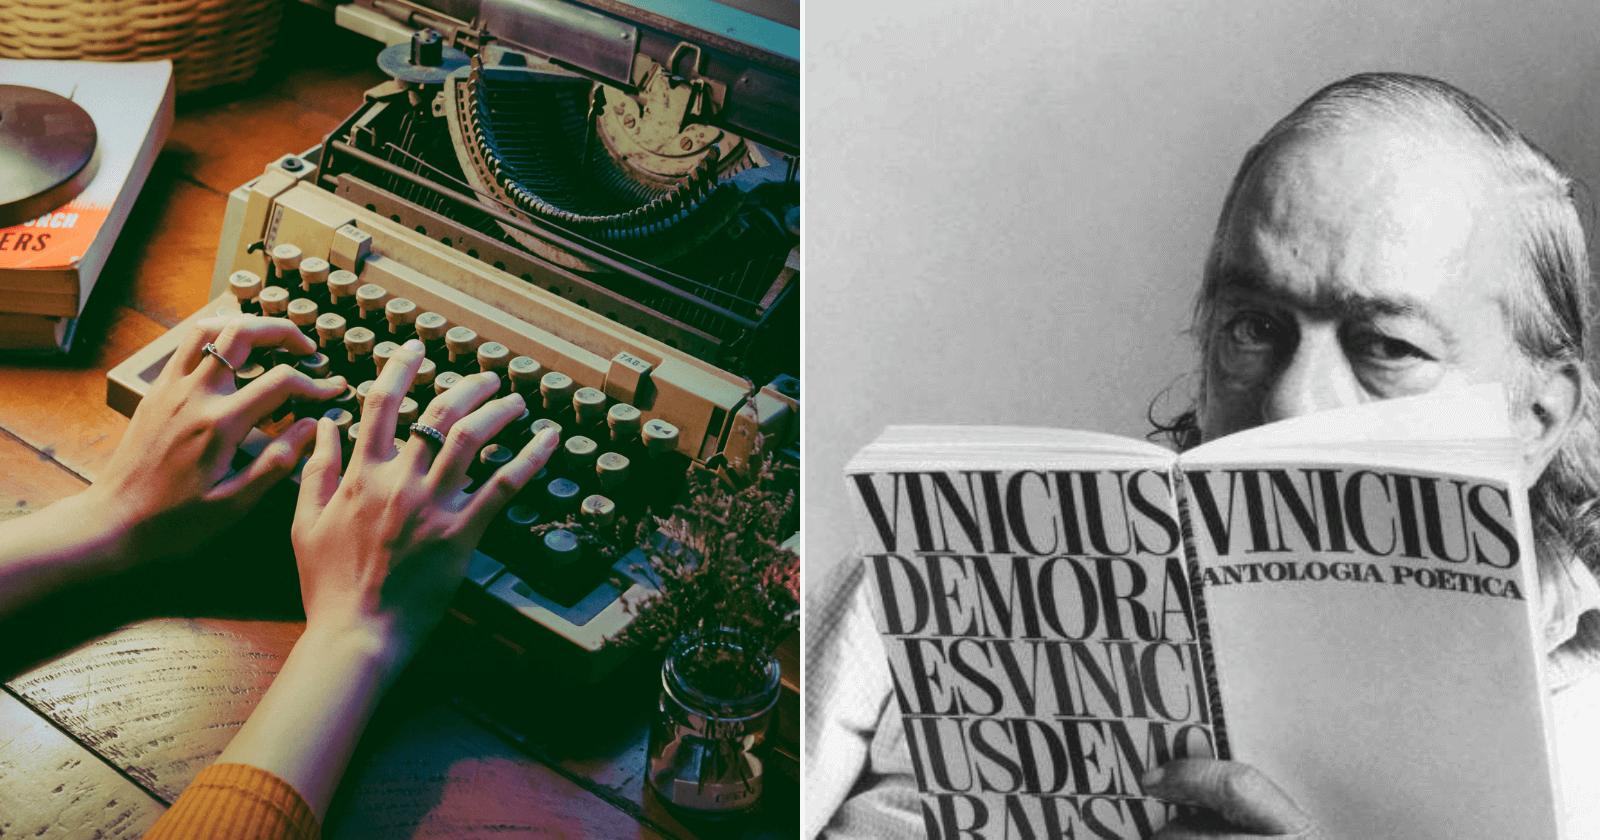 21 Poemas de Vinicius de Moraes. Com certeza você sabe o #9 decorado!